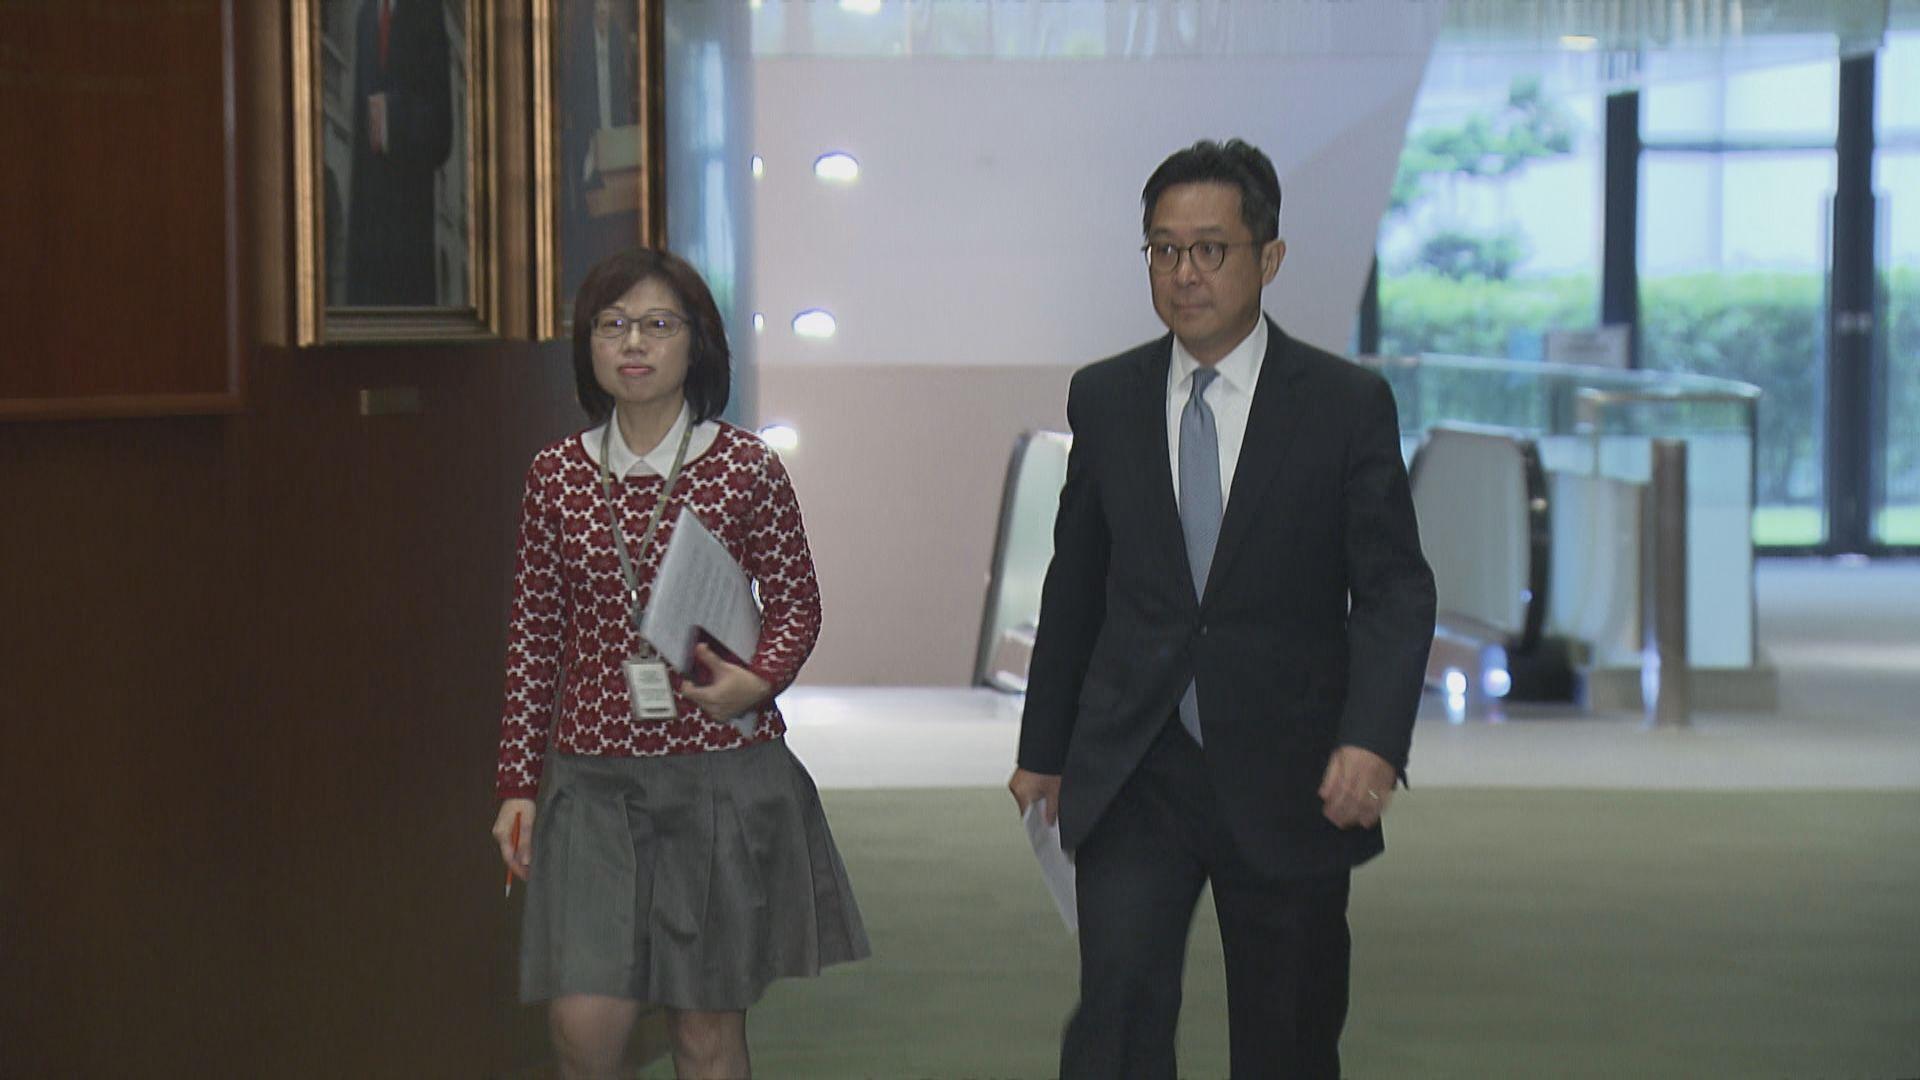 陳維安︰秘書處按議事規則處事